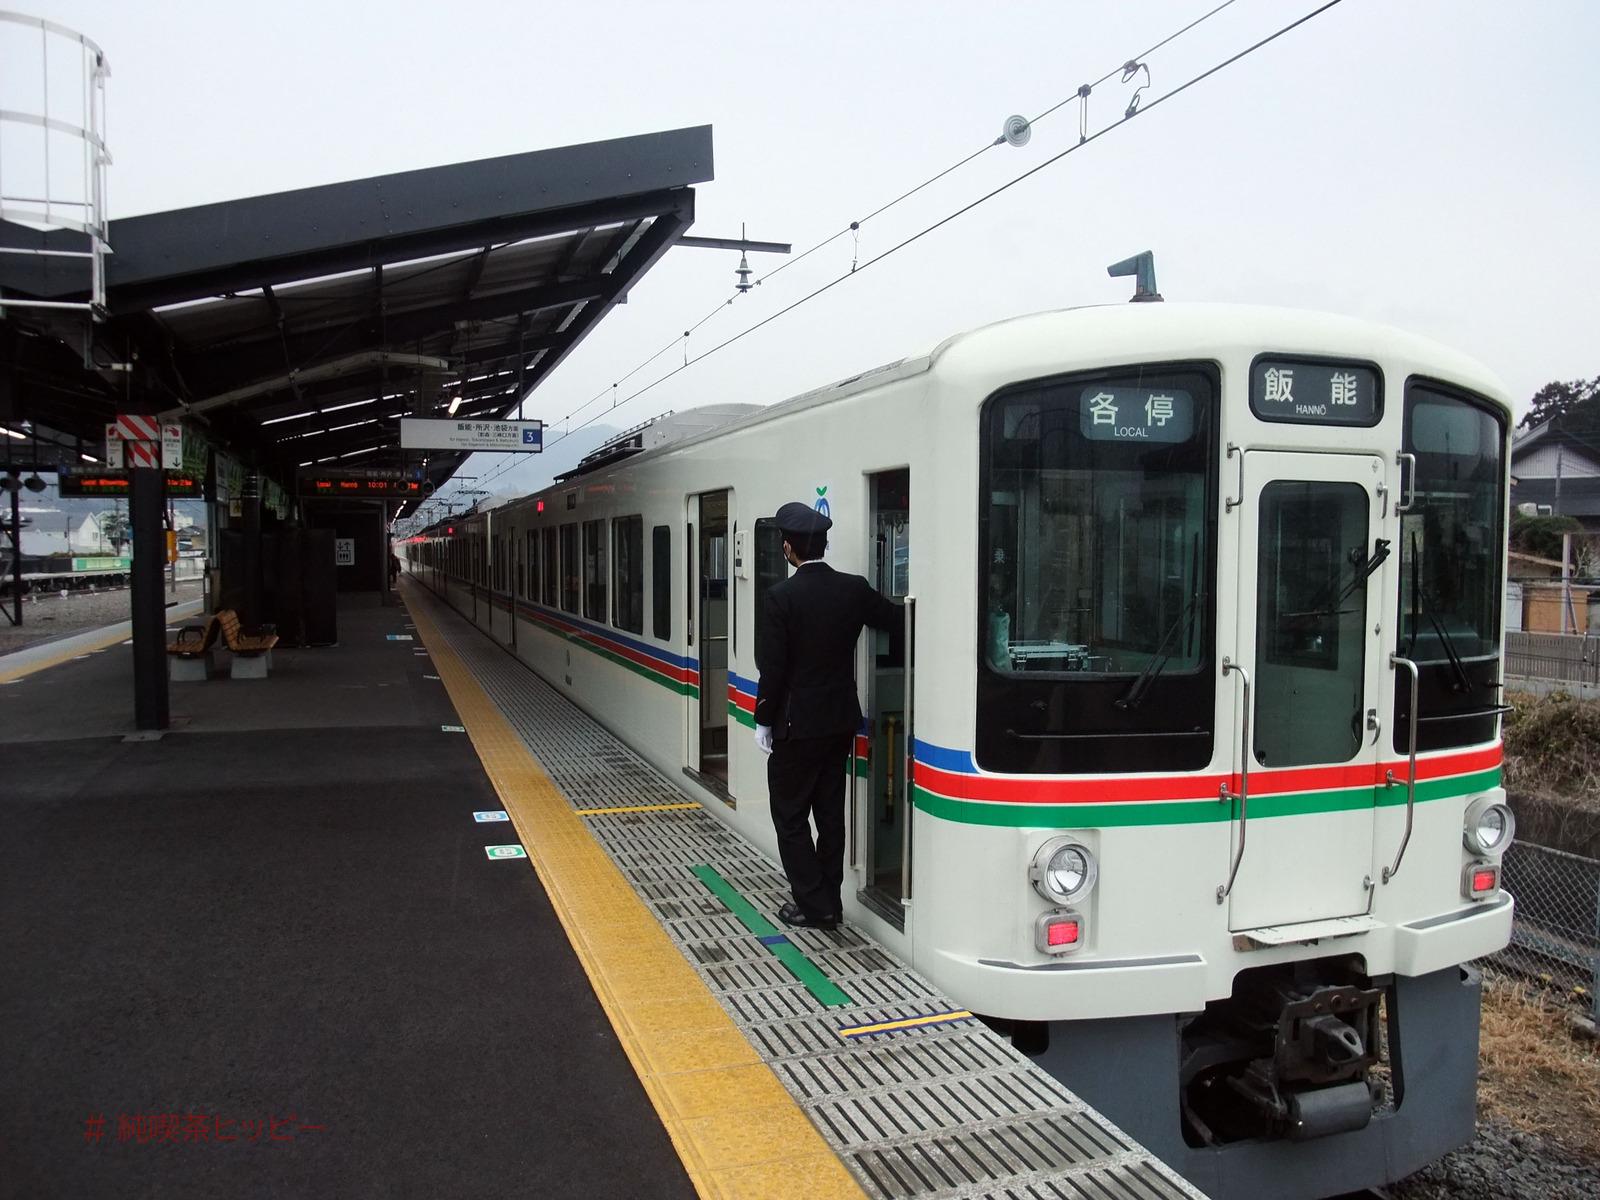 DSCF6216